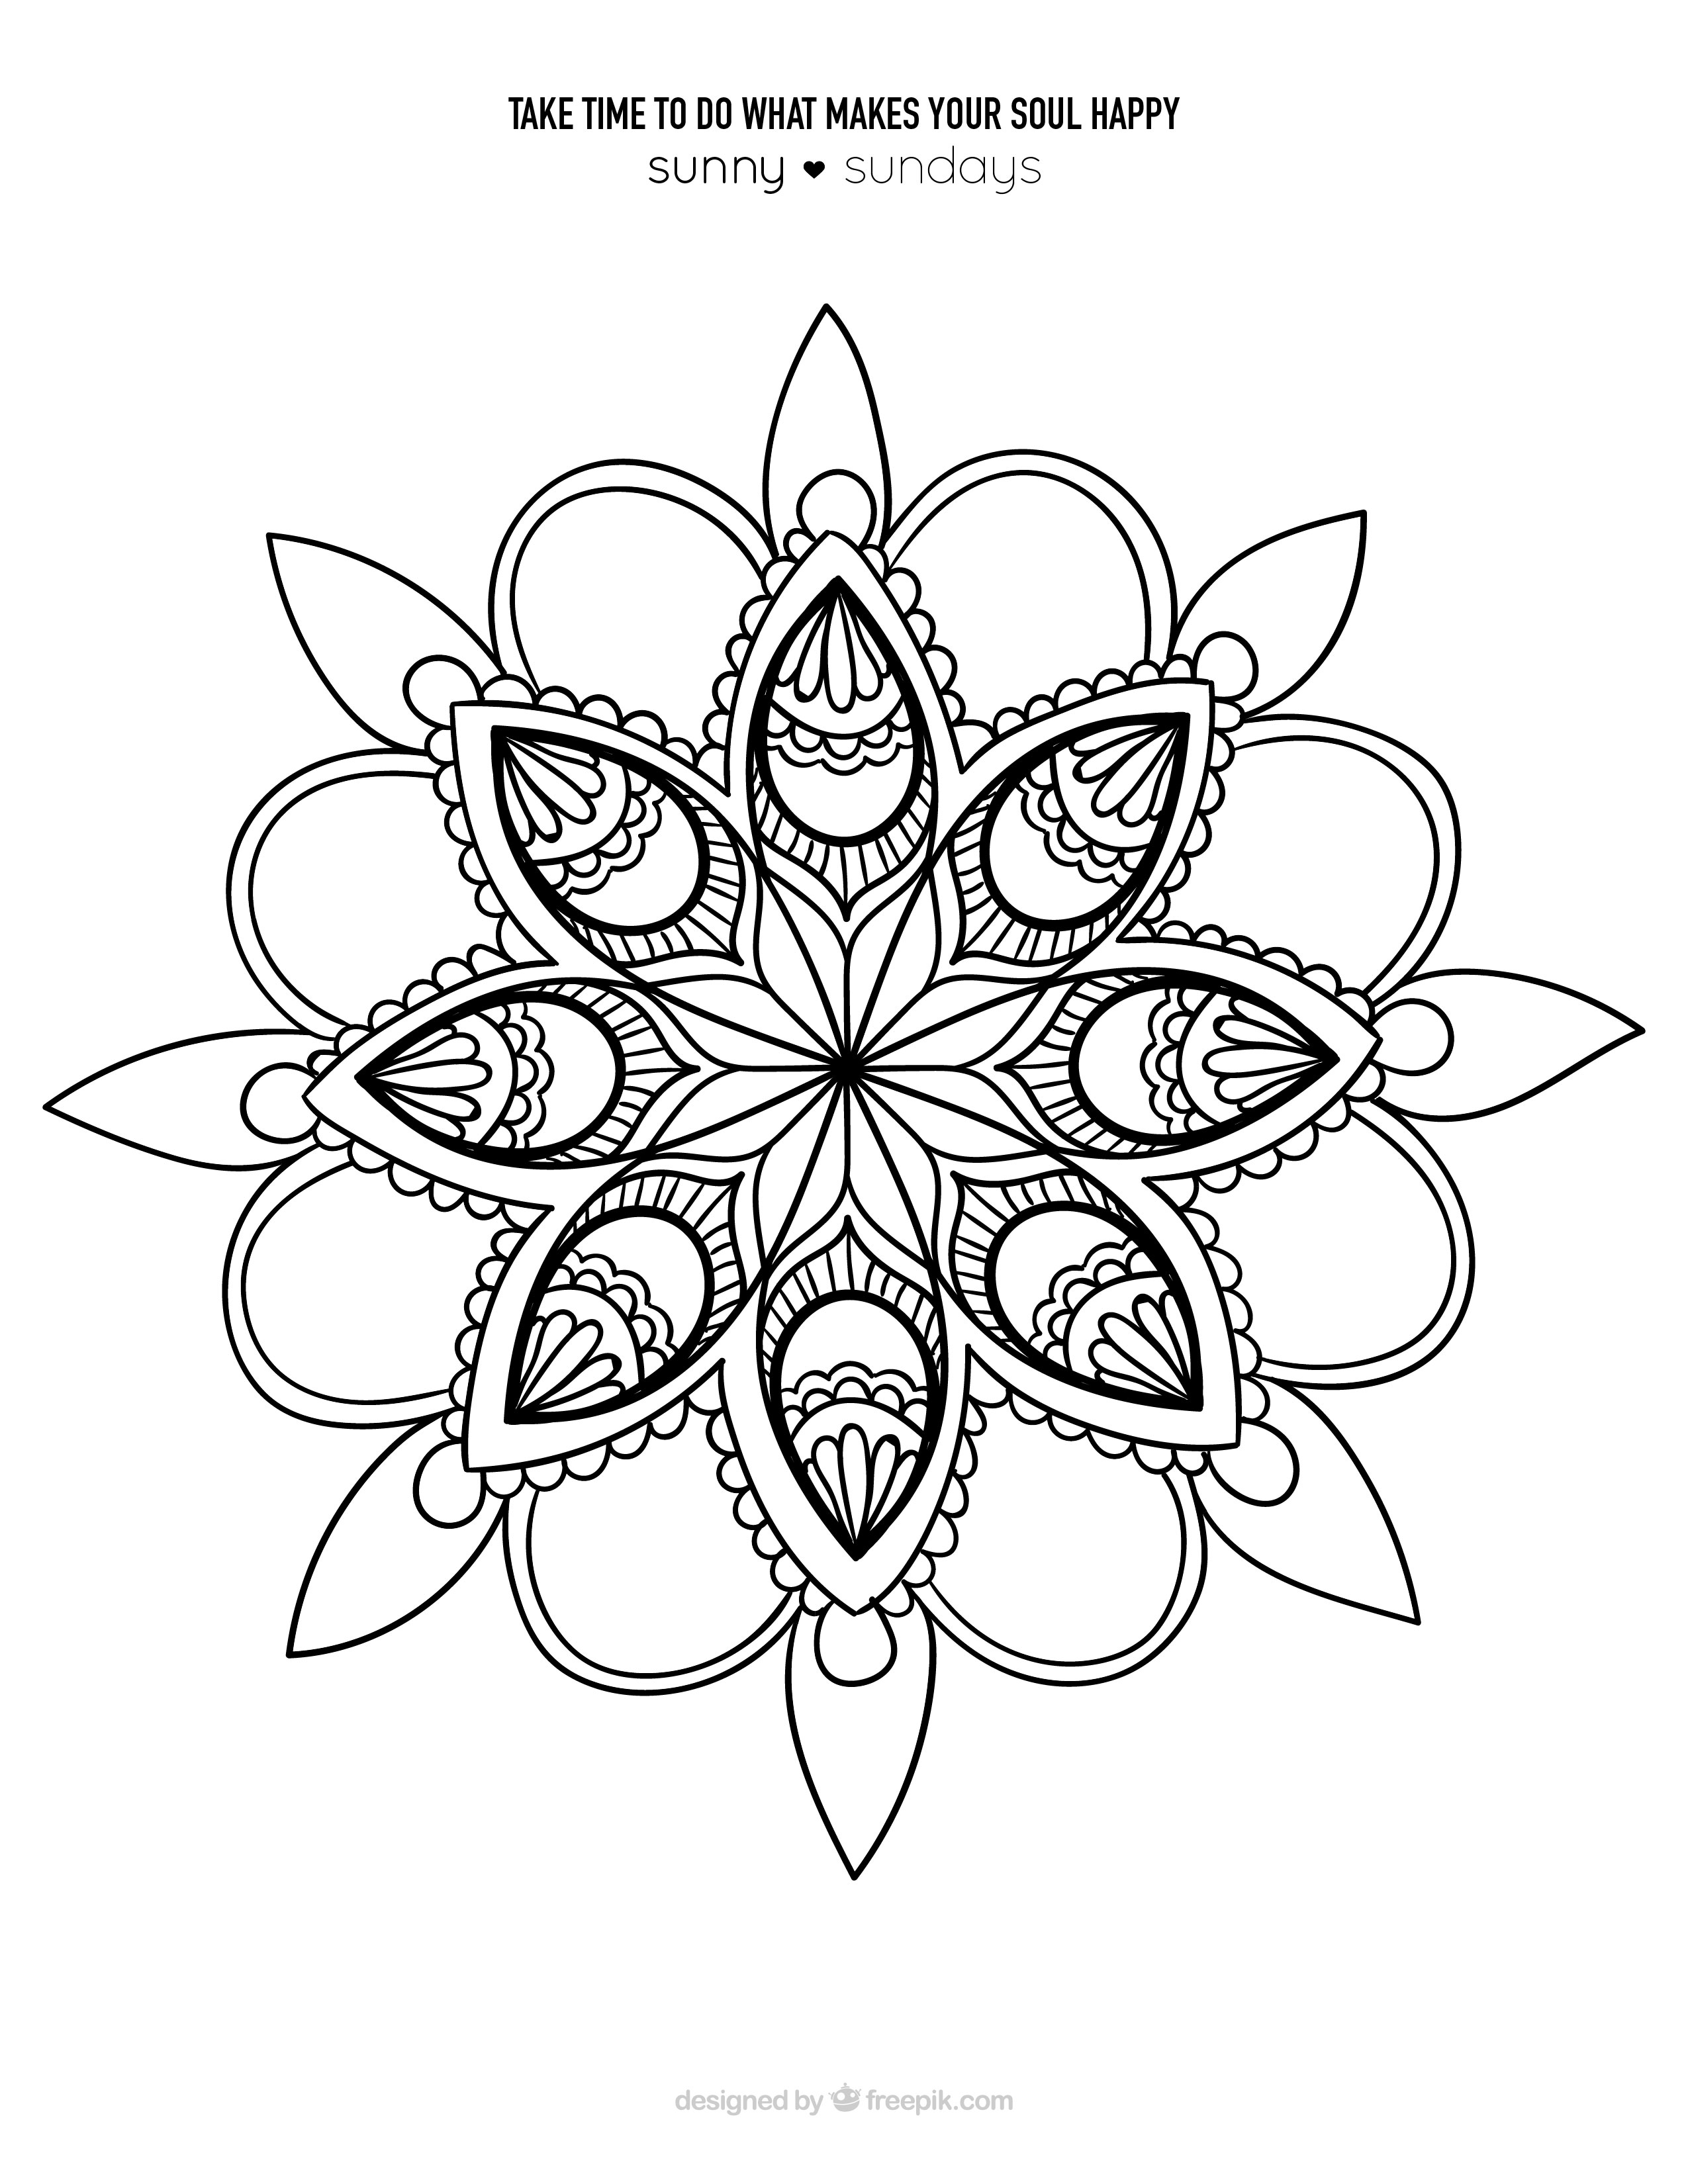 Mandalas terapia para el alma sunny sundays for Disenos de mandalas